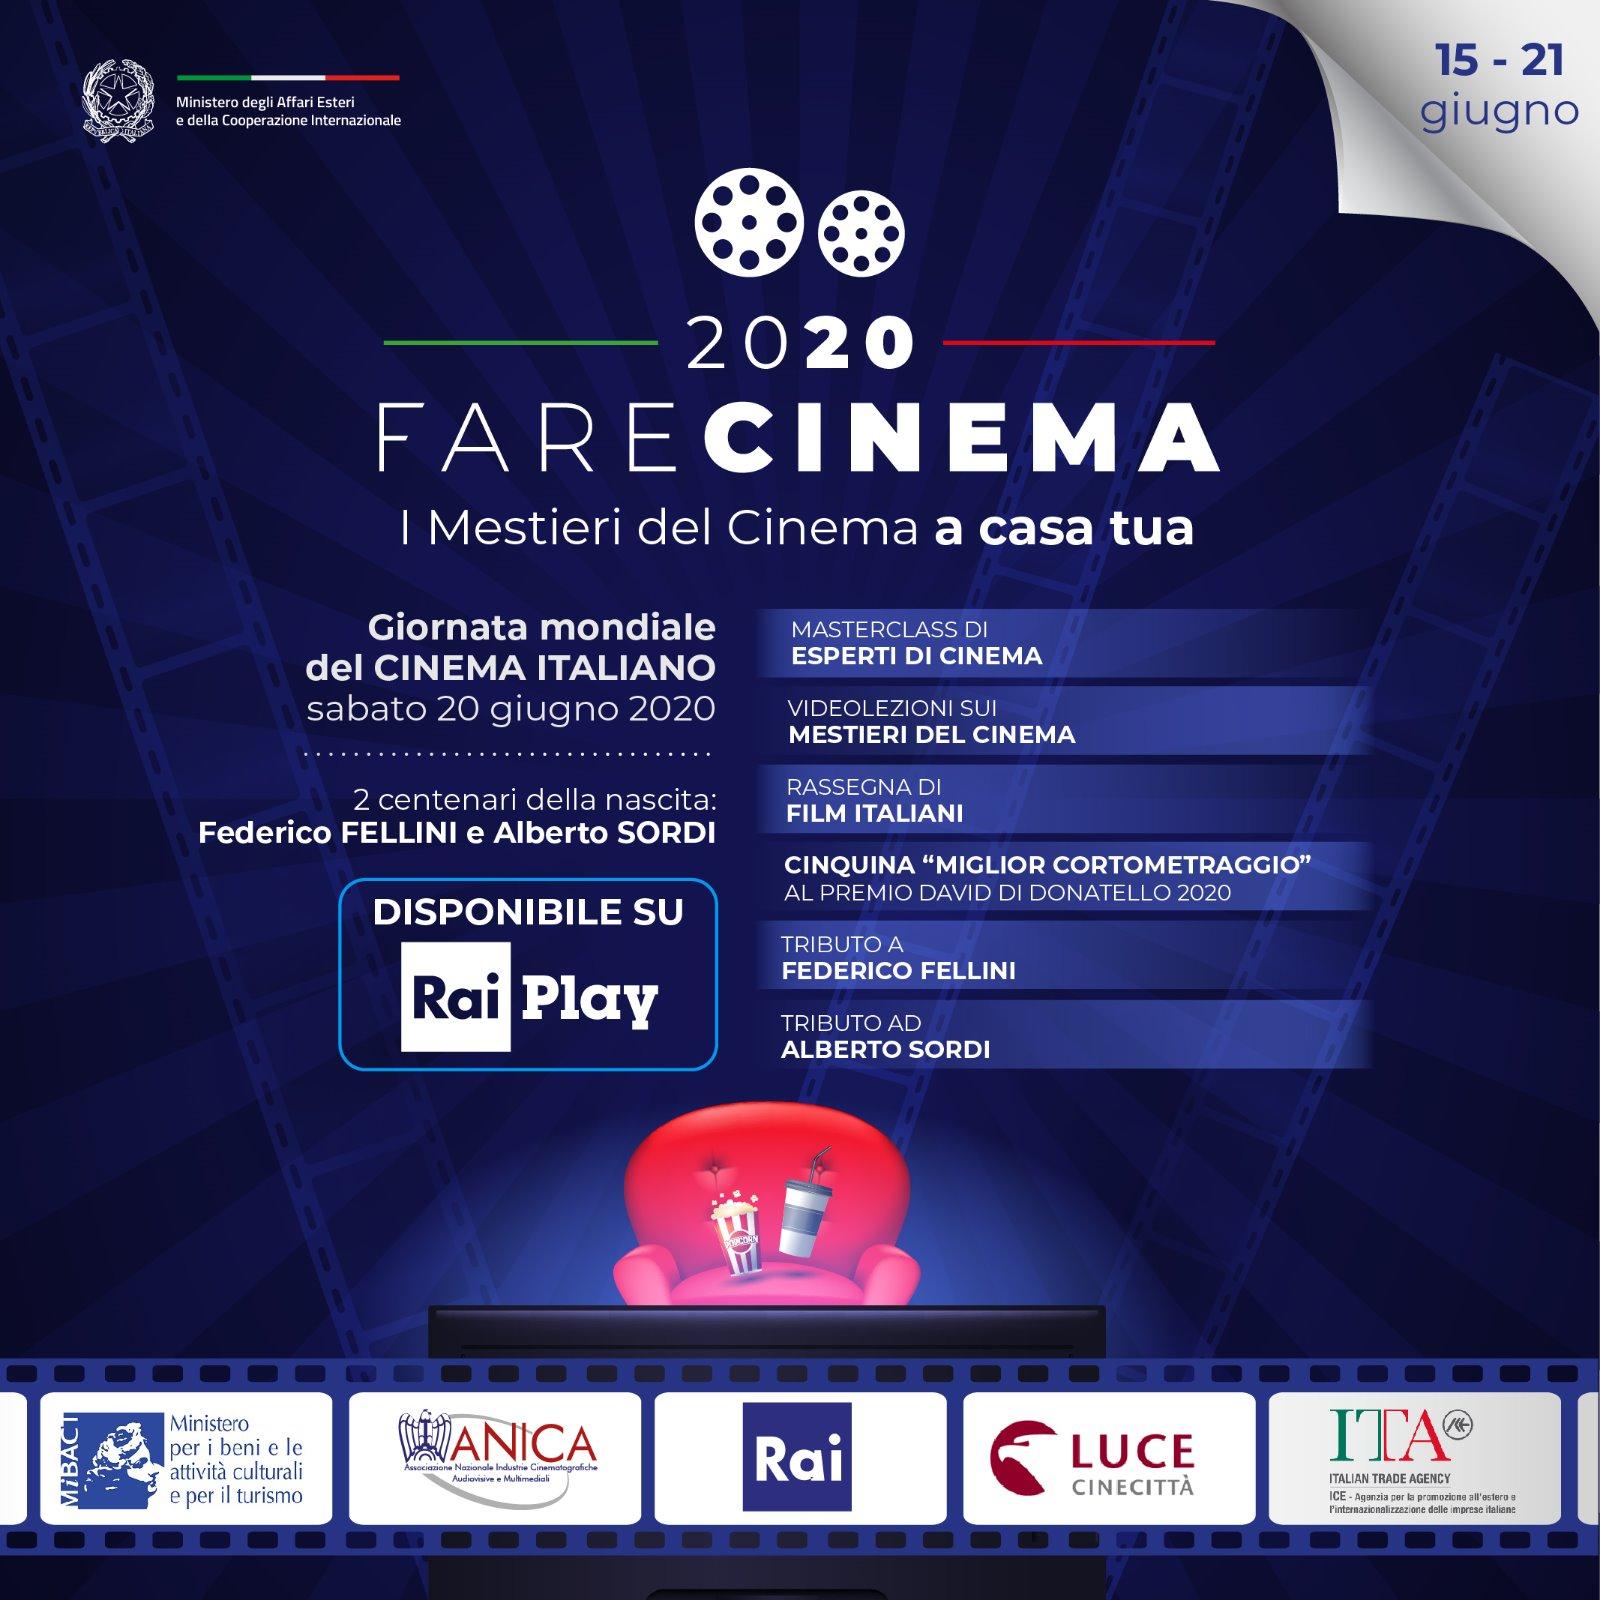 Fare Cinema Locandina